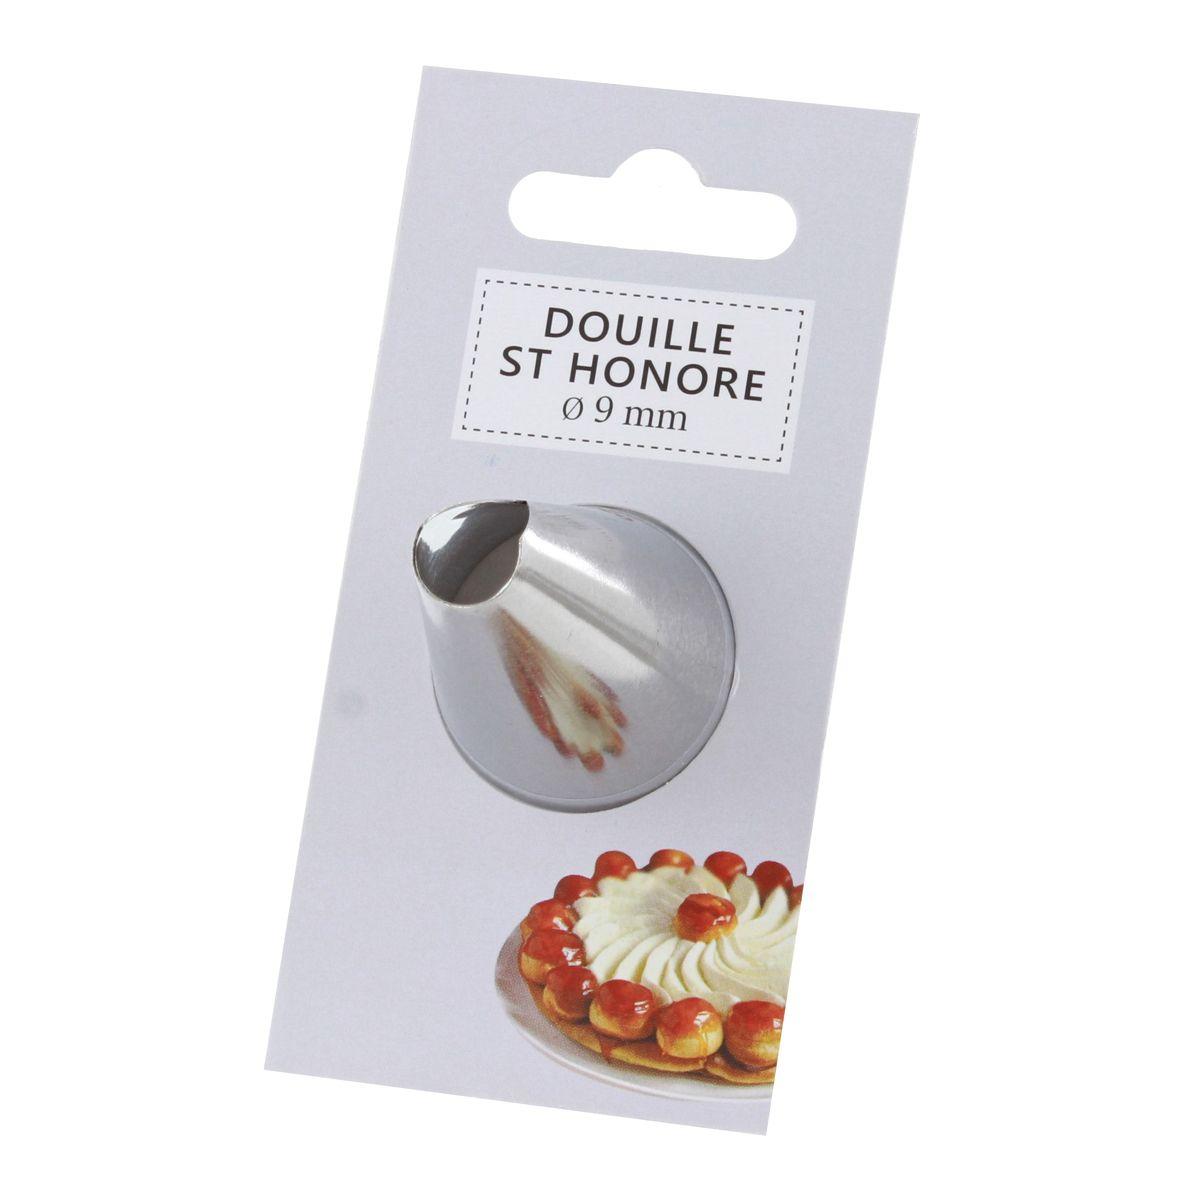 Douille inox saint-honoré 9 mm